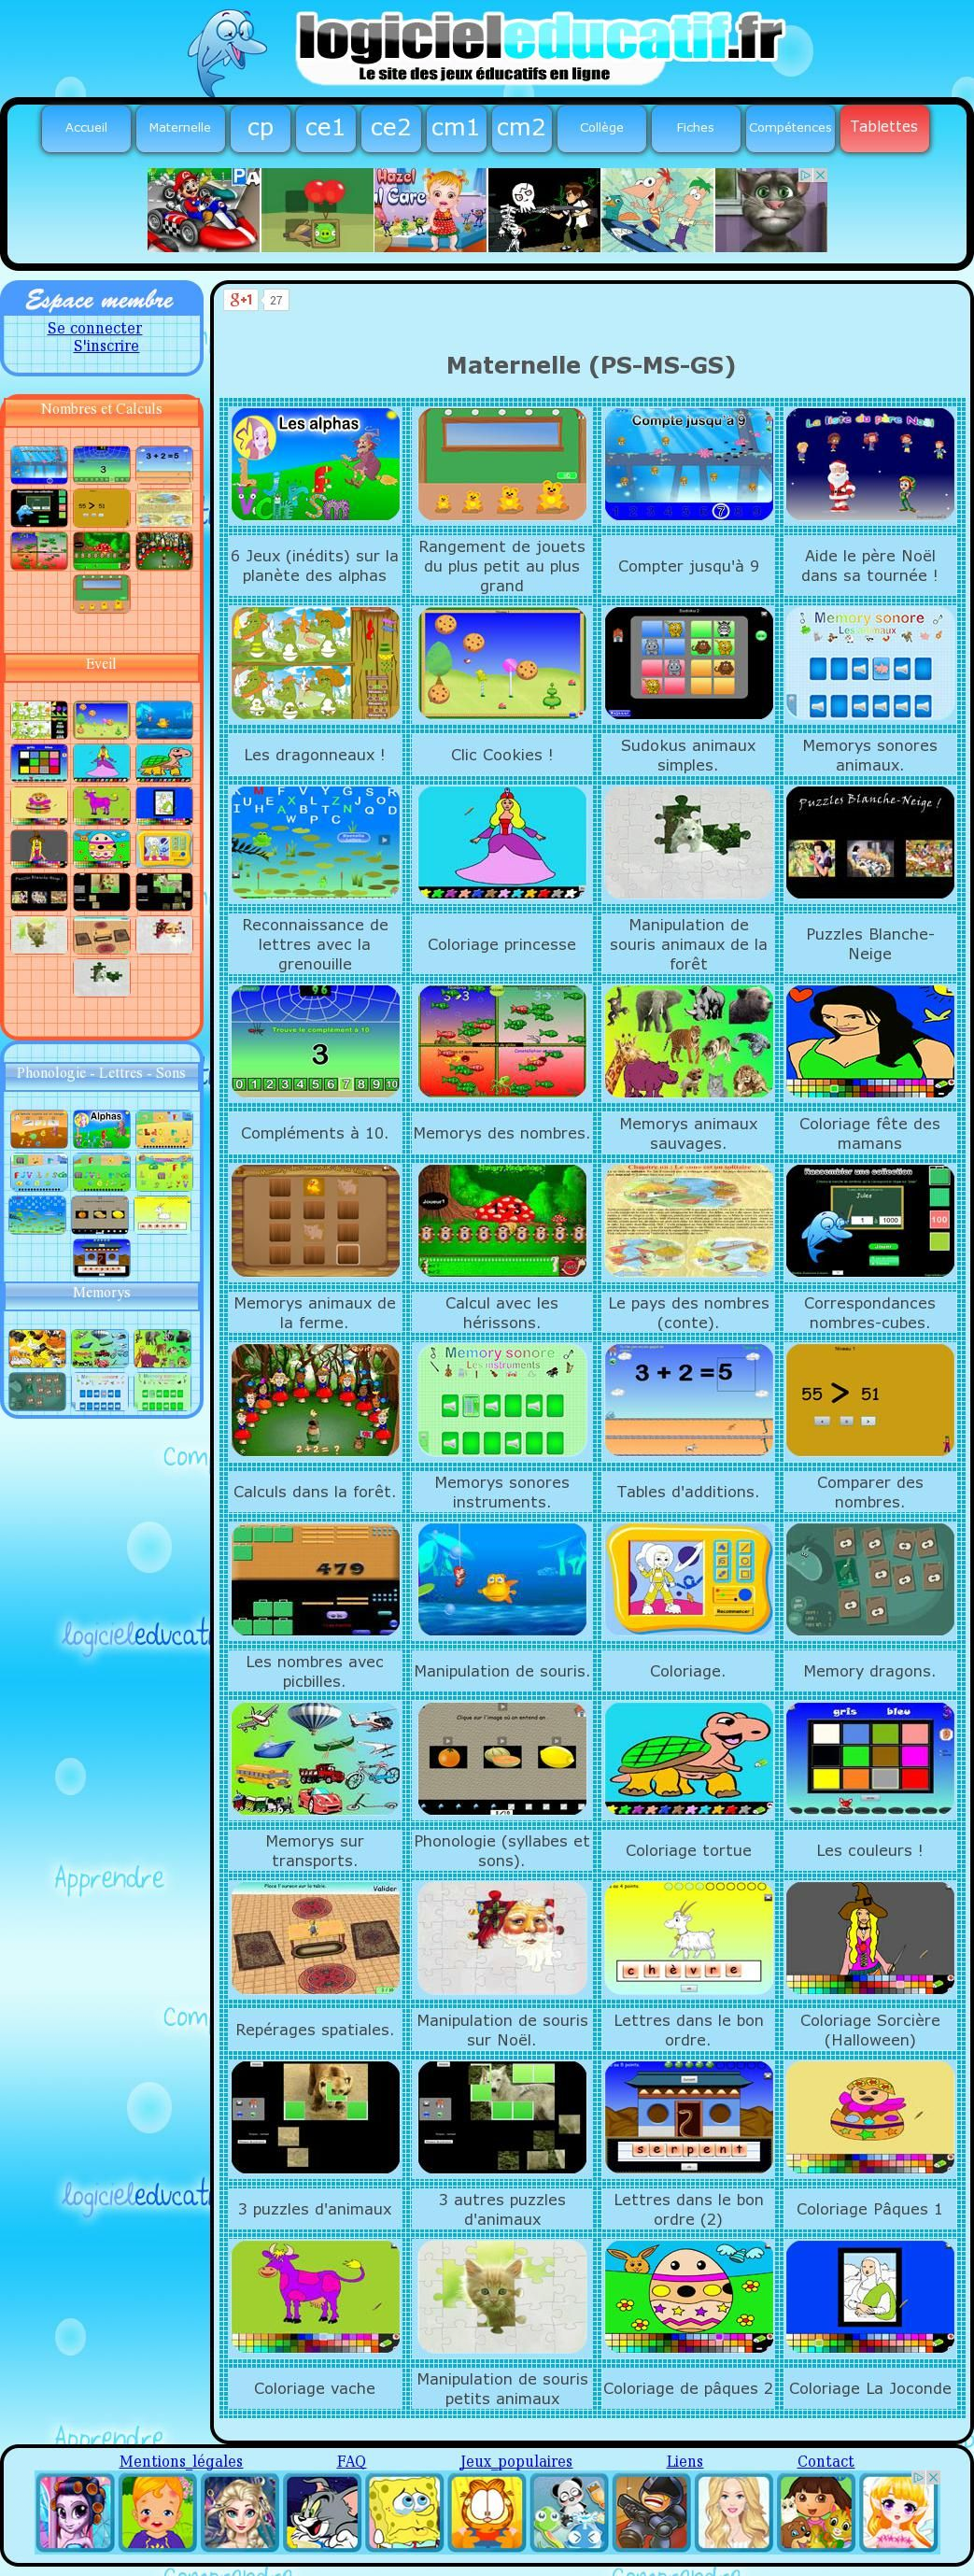 logiciel ducatif jeux ducatifs gratuits en ligne de la maternelle au cm2 the website 39 http. Black Bedroom Furniture Sets. Home Design Ideas